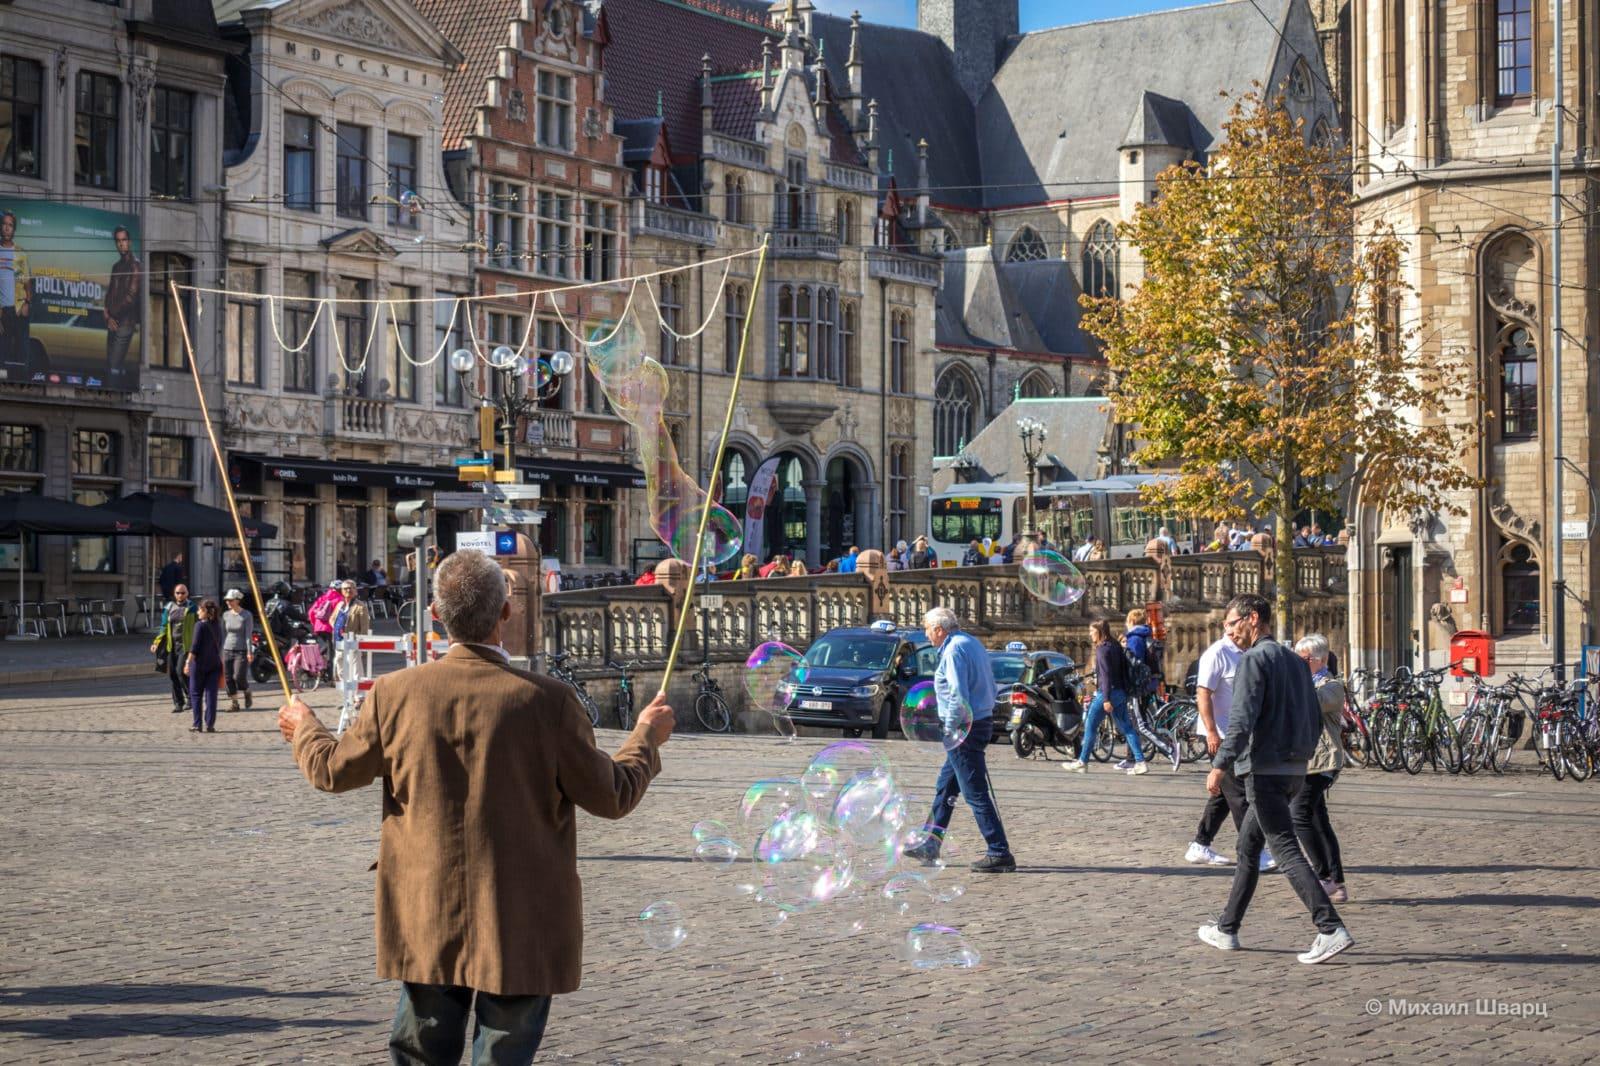 Уличные артисты на площади